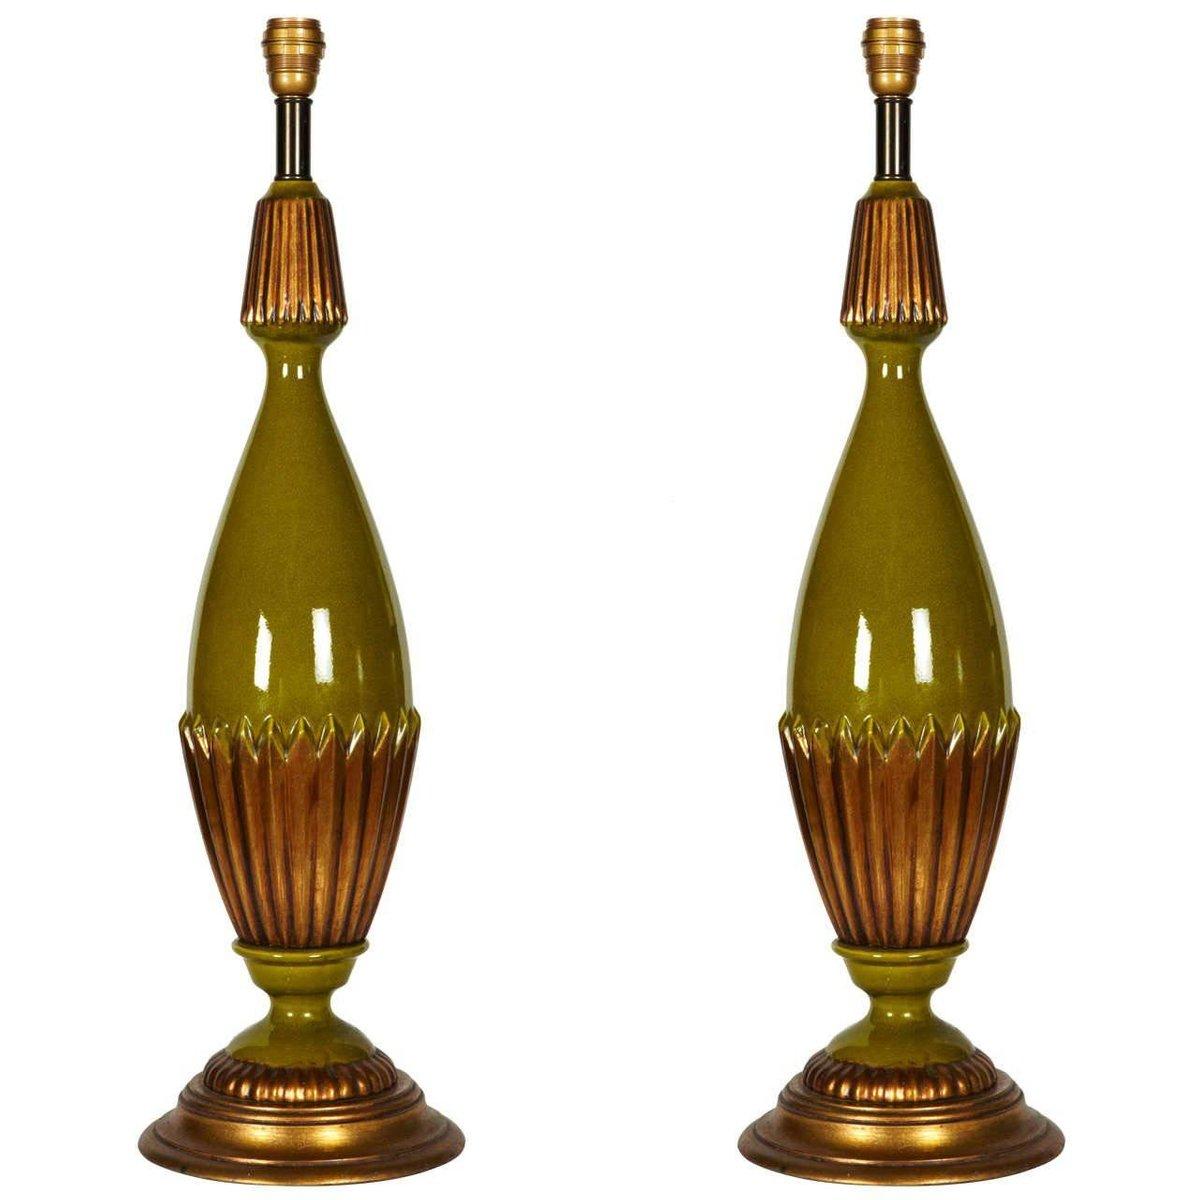 Große Keramik Lampen in Grün & Gold, 1970er, 2er Set